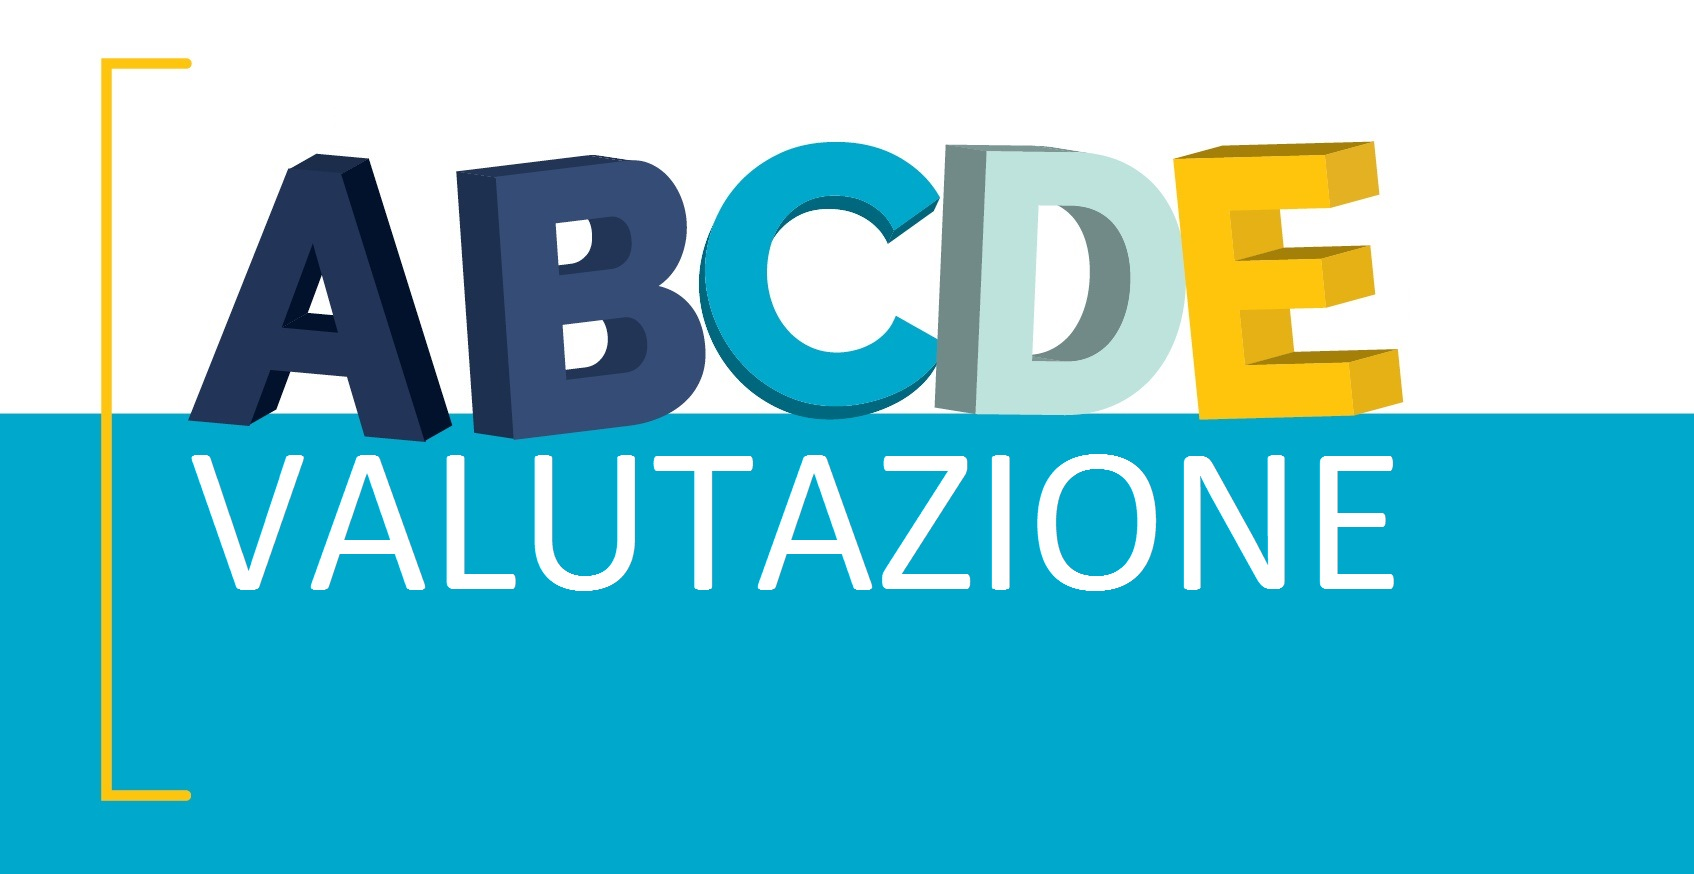 ABCDE4d